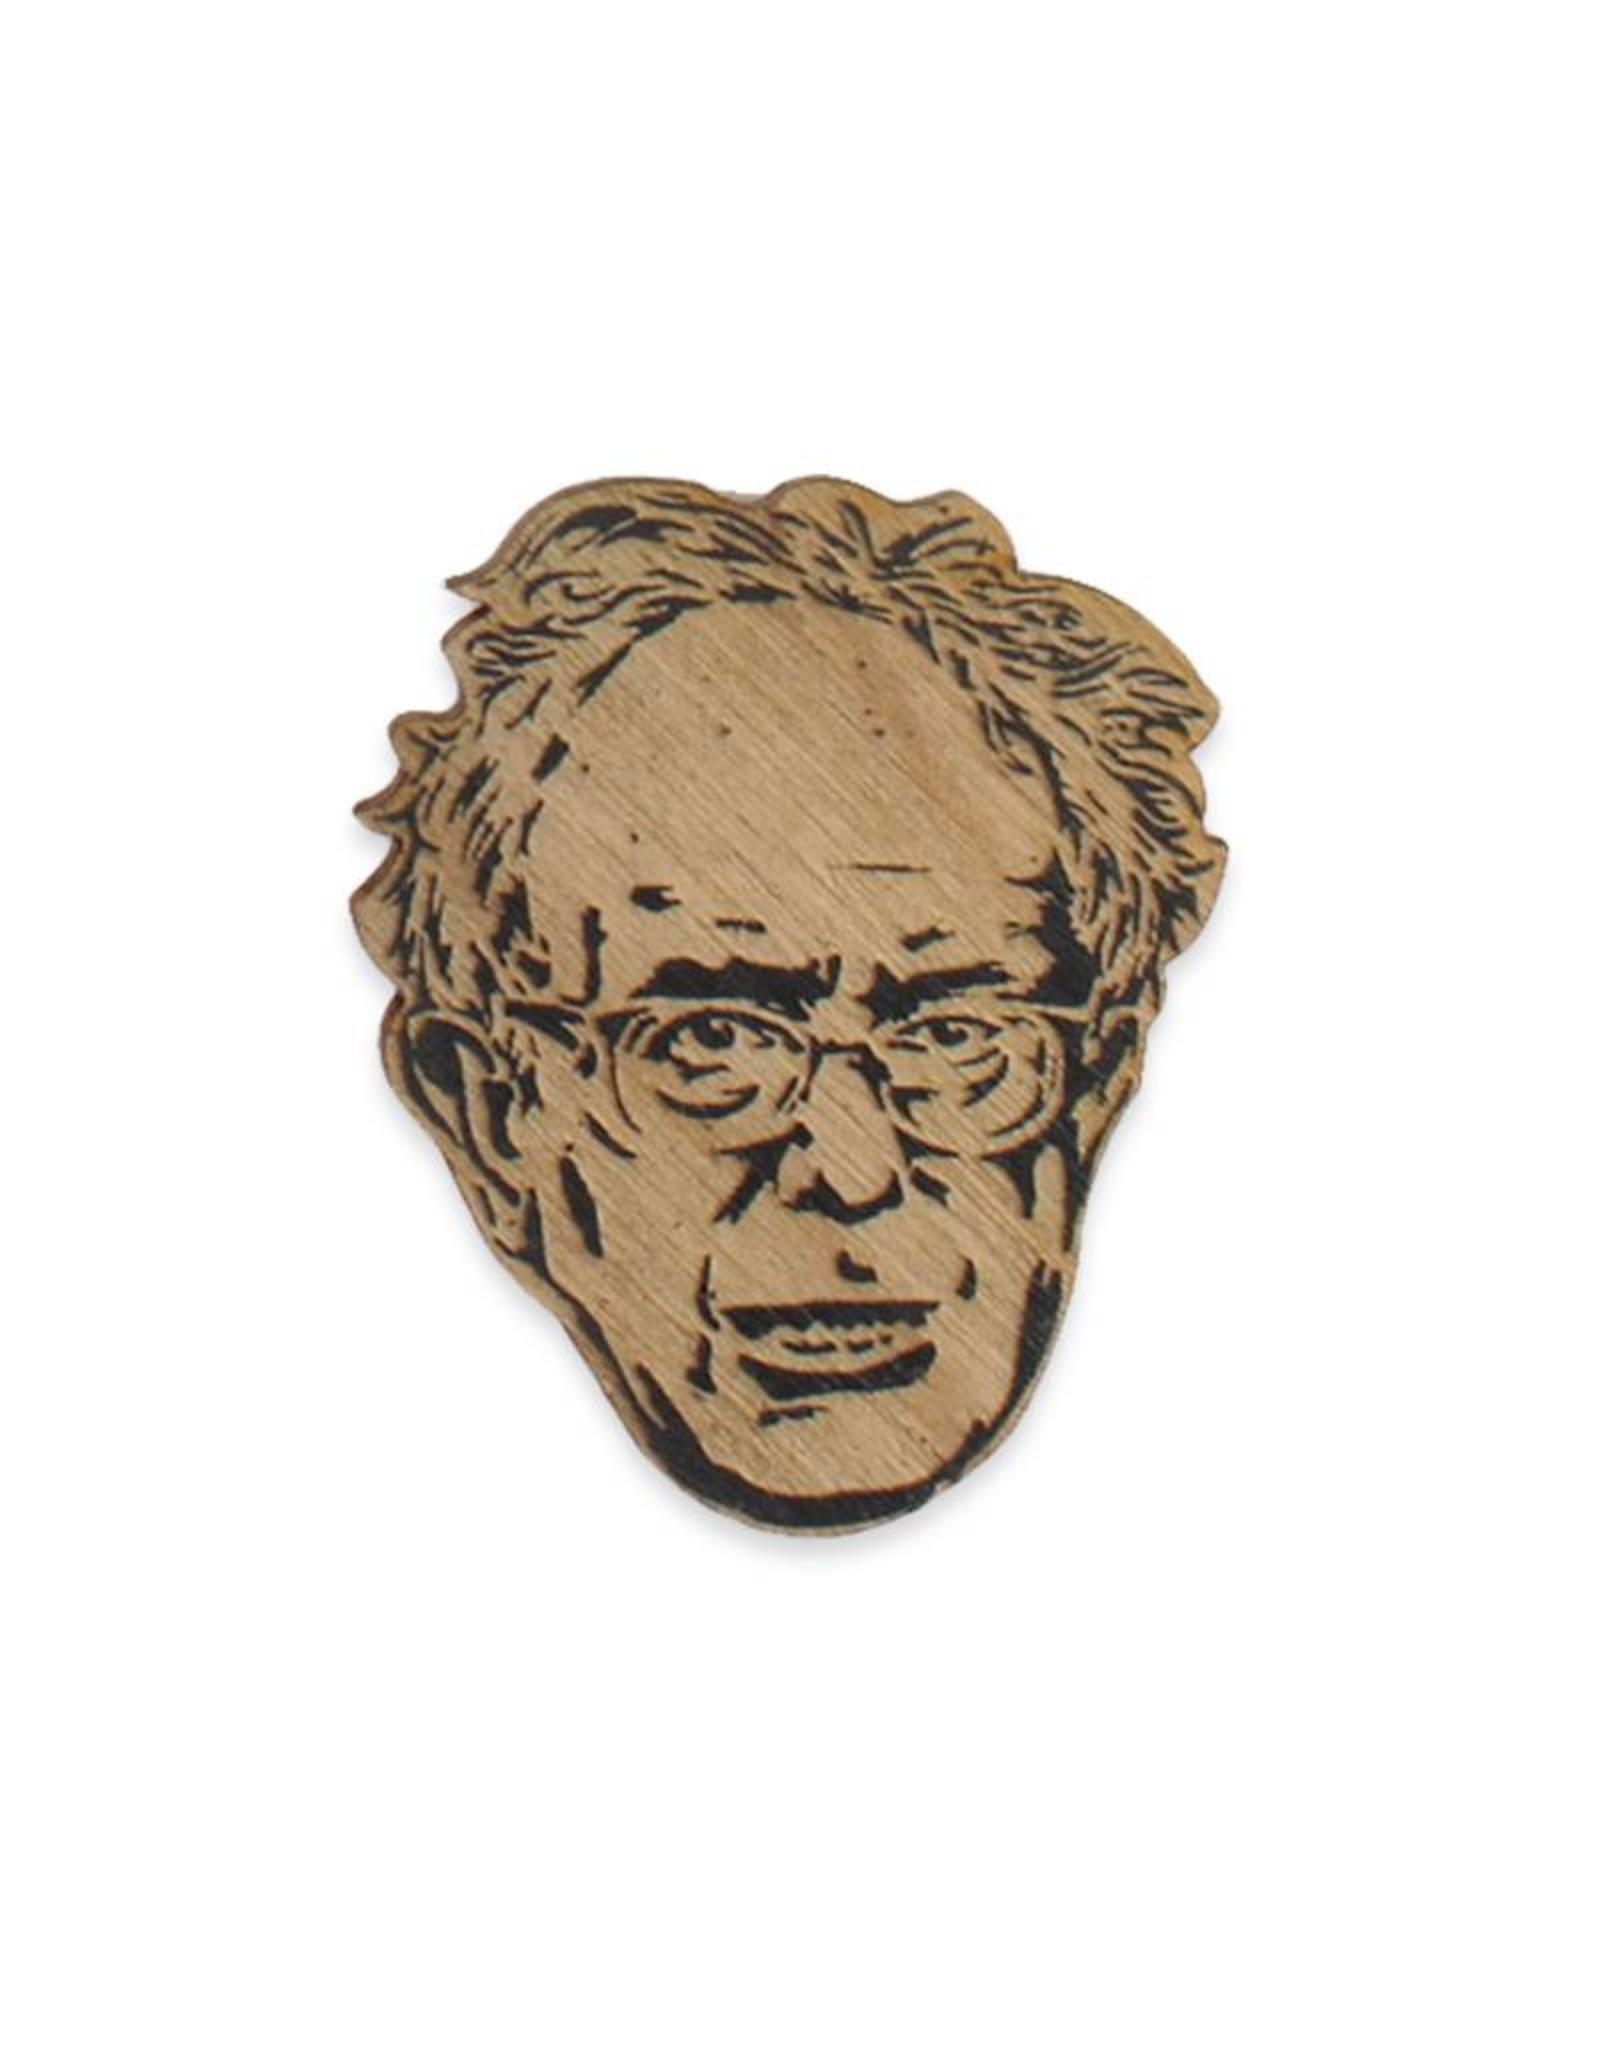 Bernie Sanders Wooden Pin